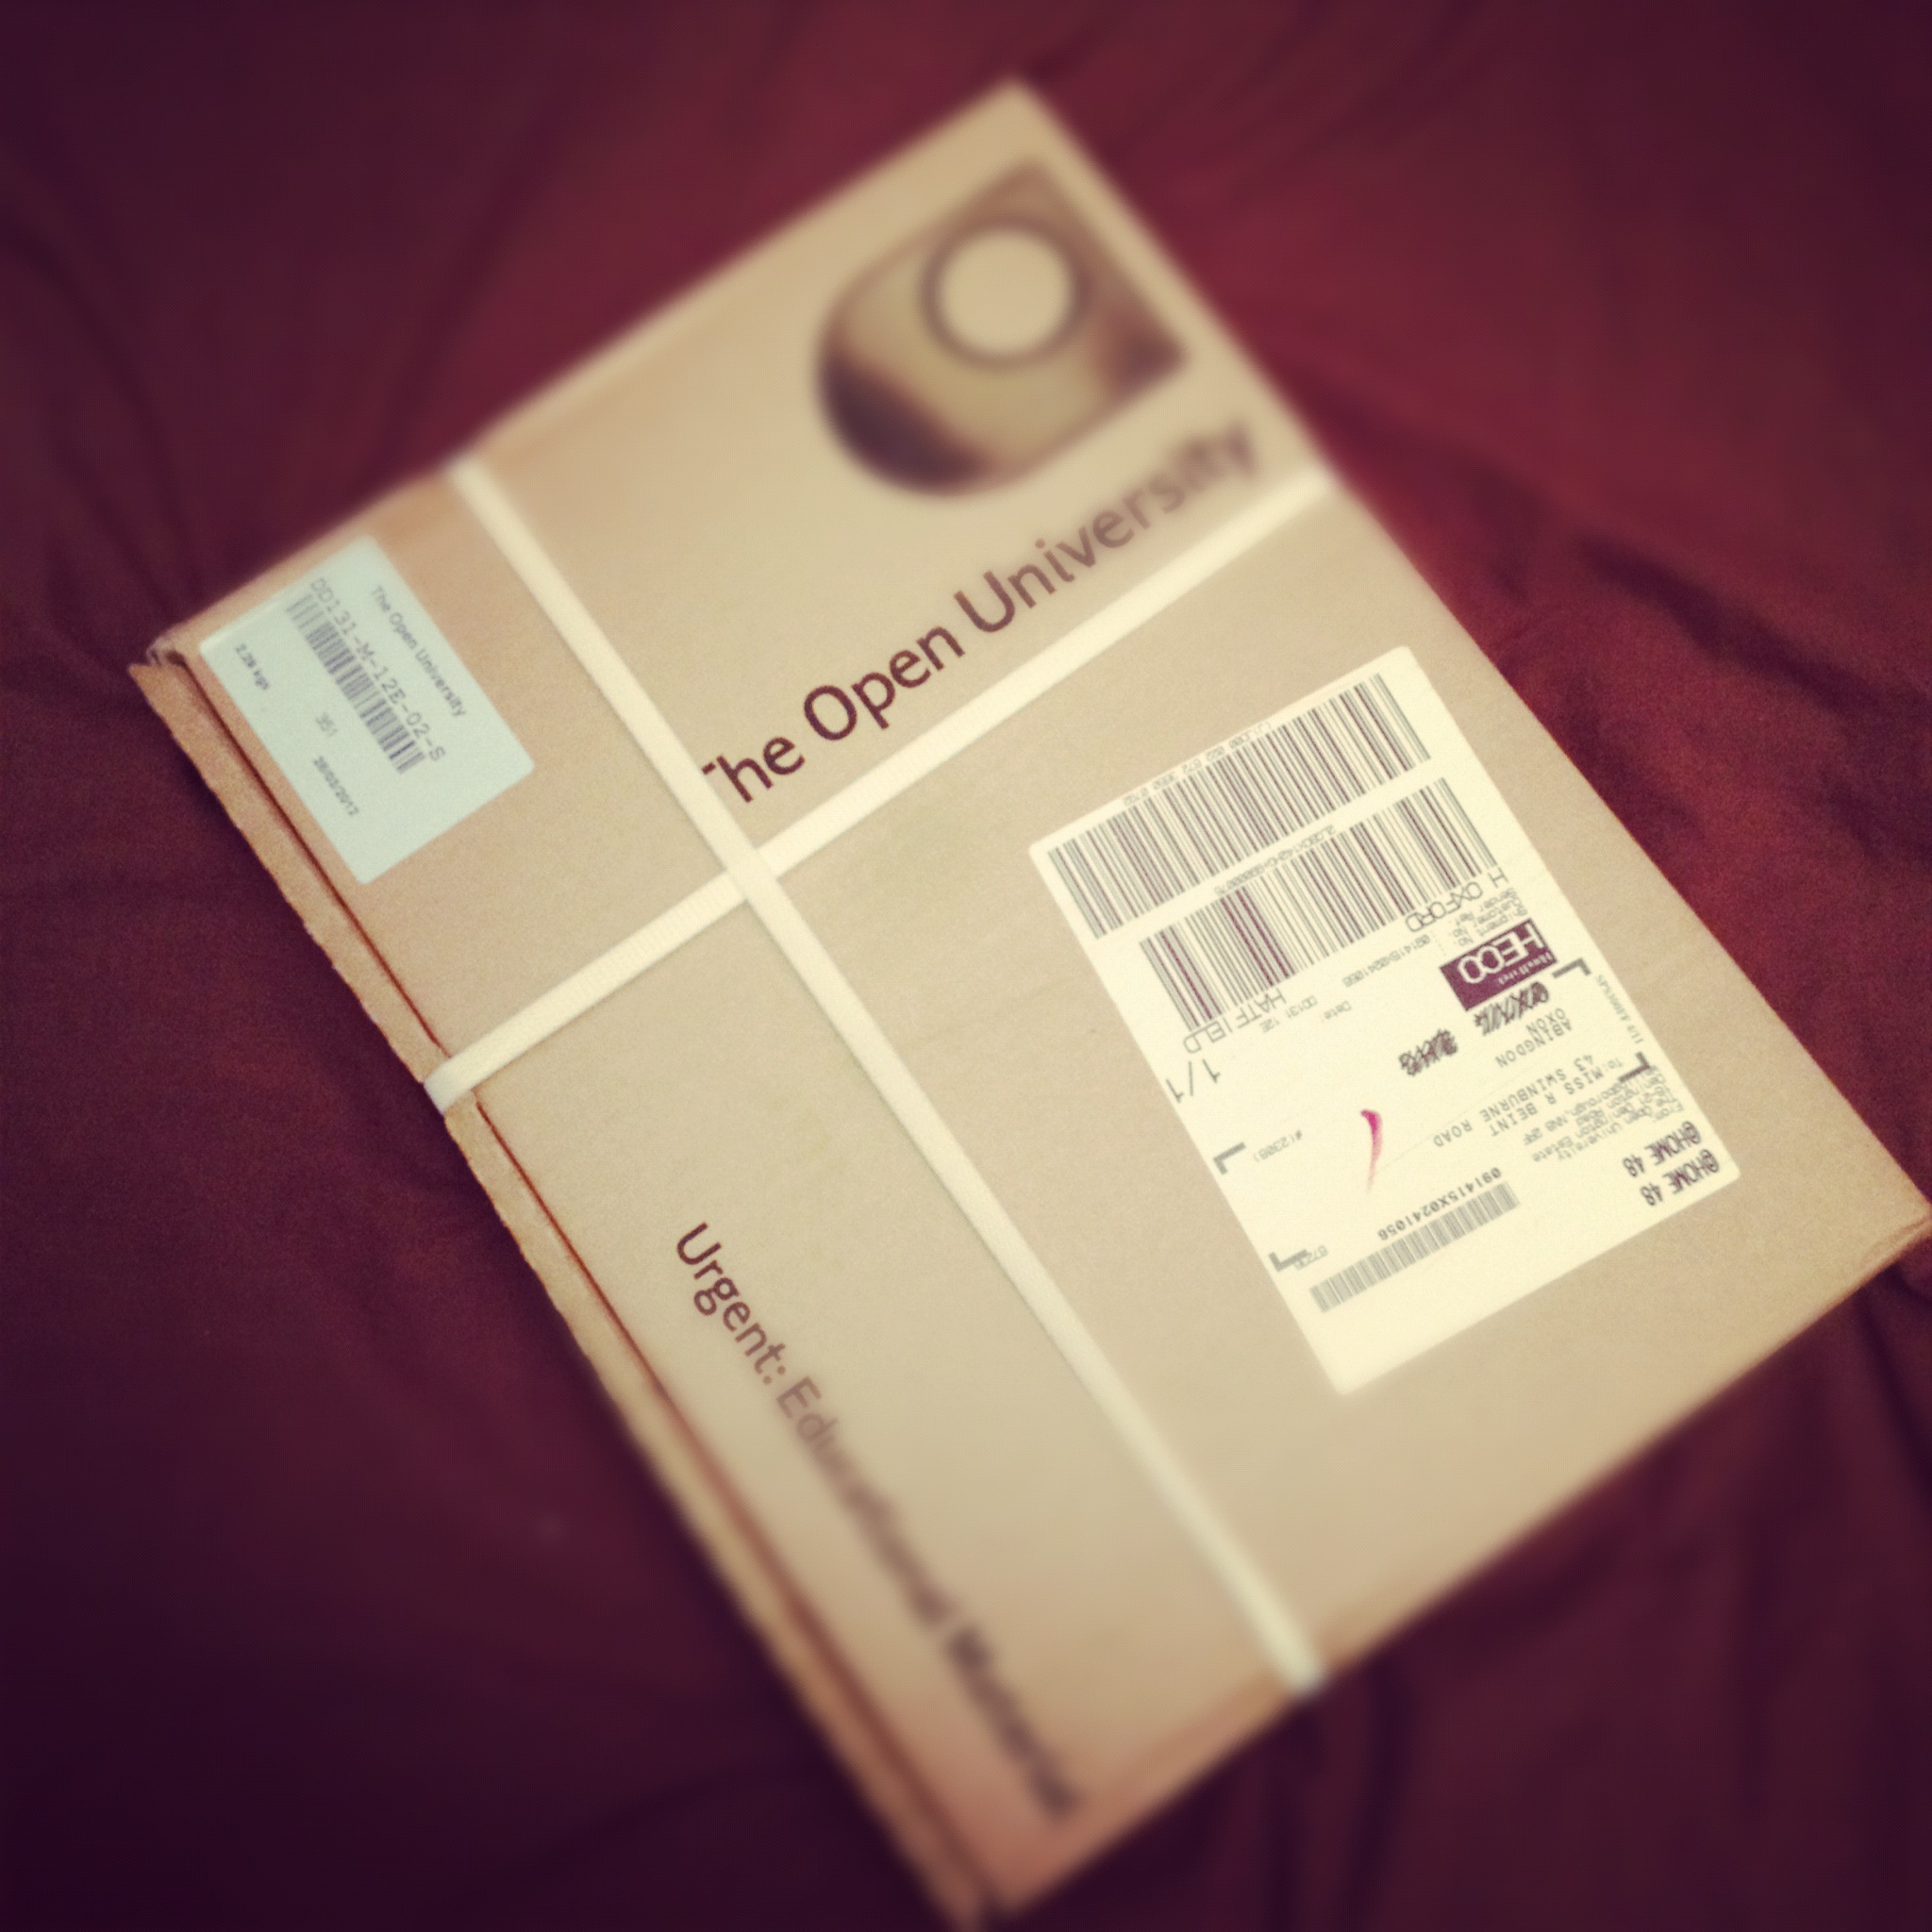 Open University parcel